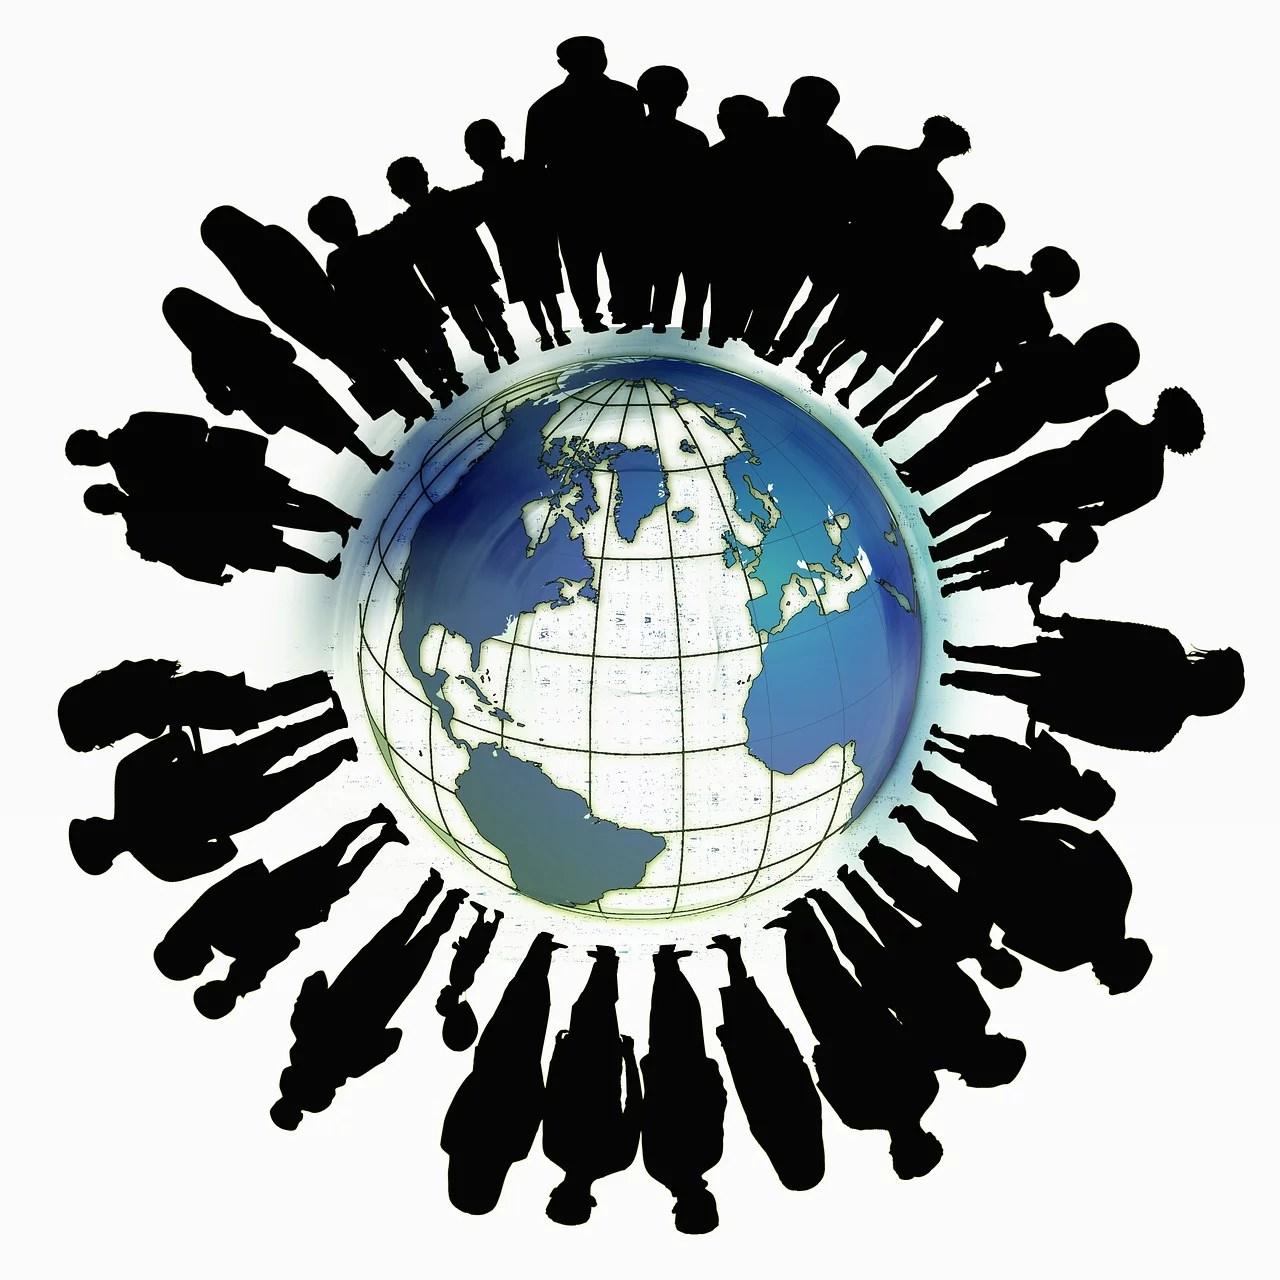 Mondialisation - Immigration (Public Domain)